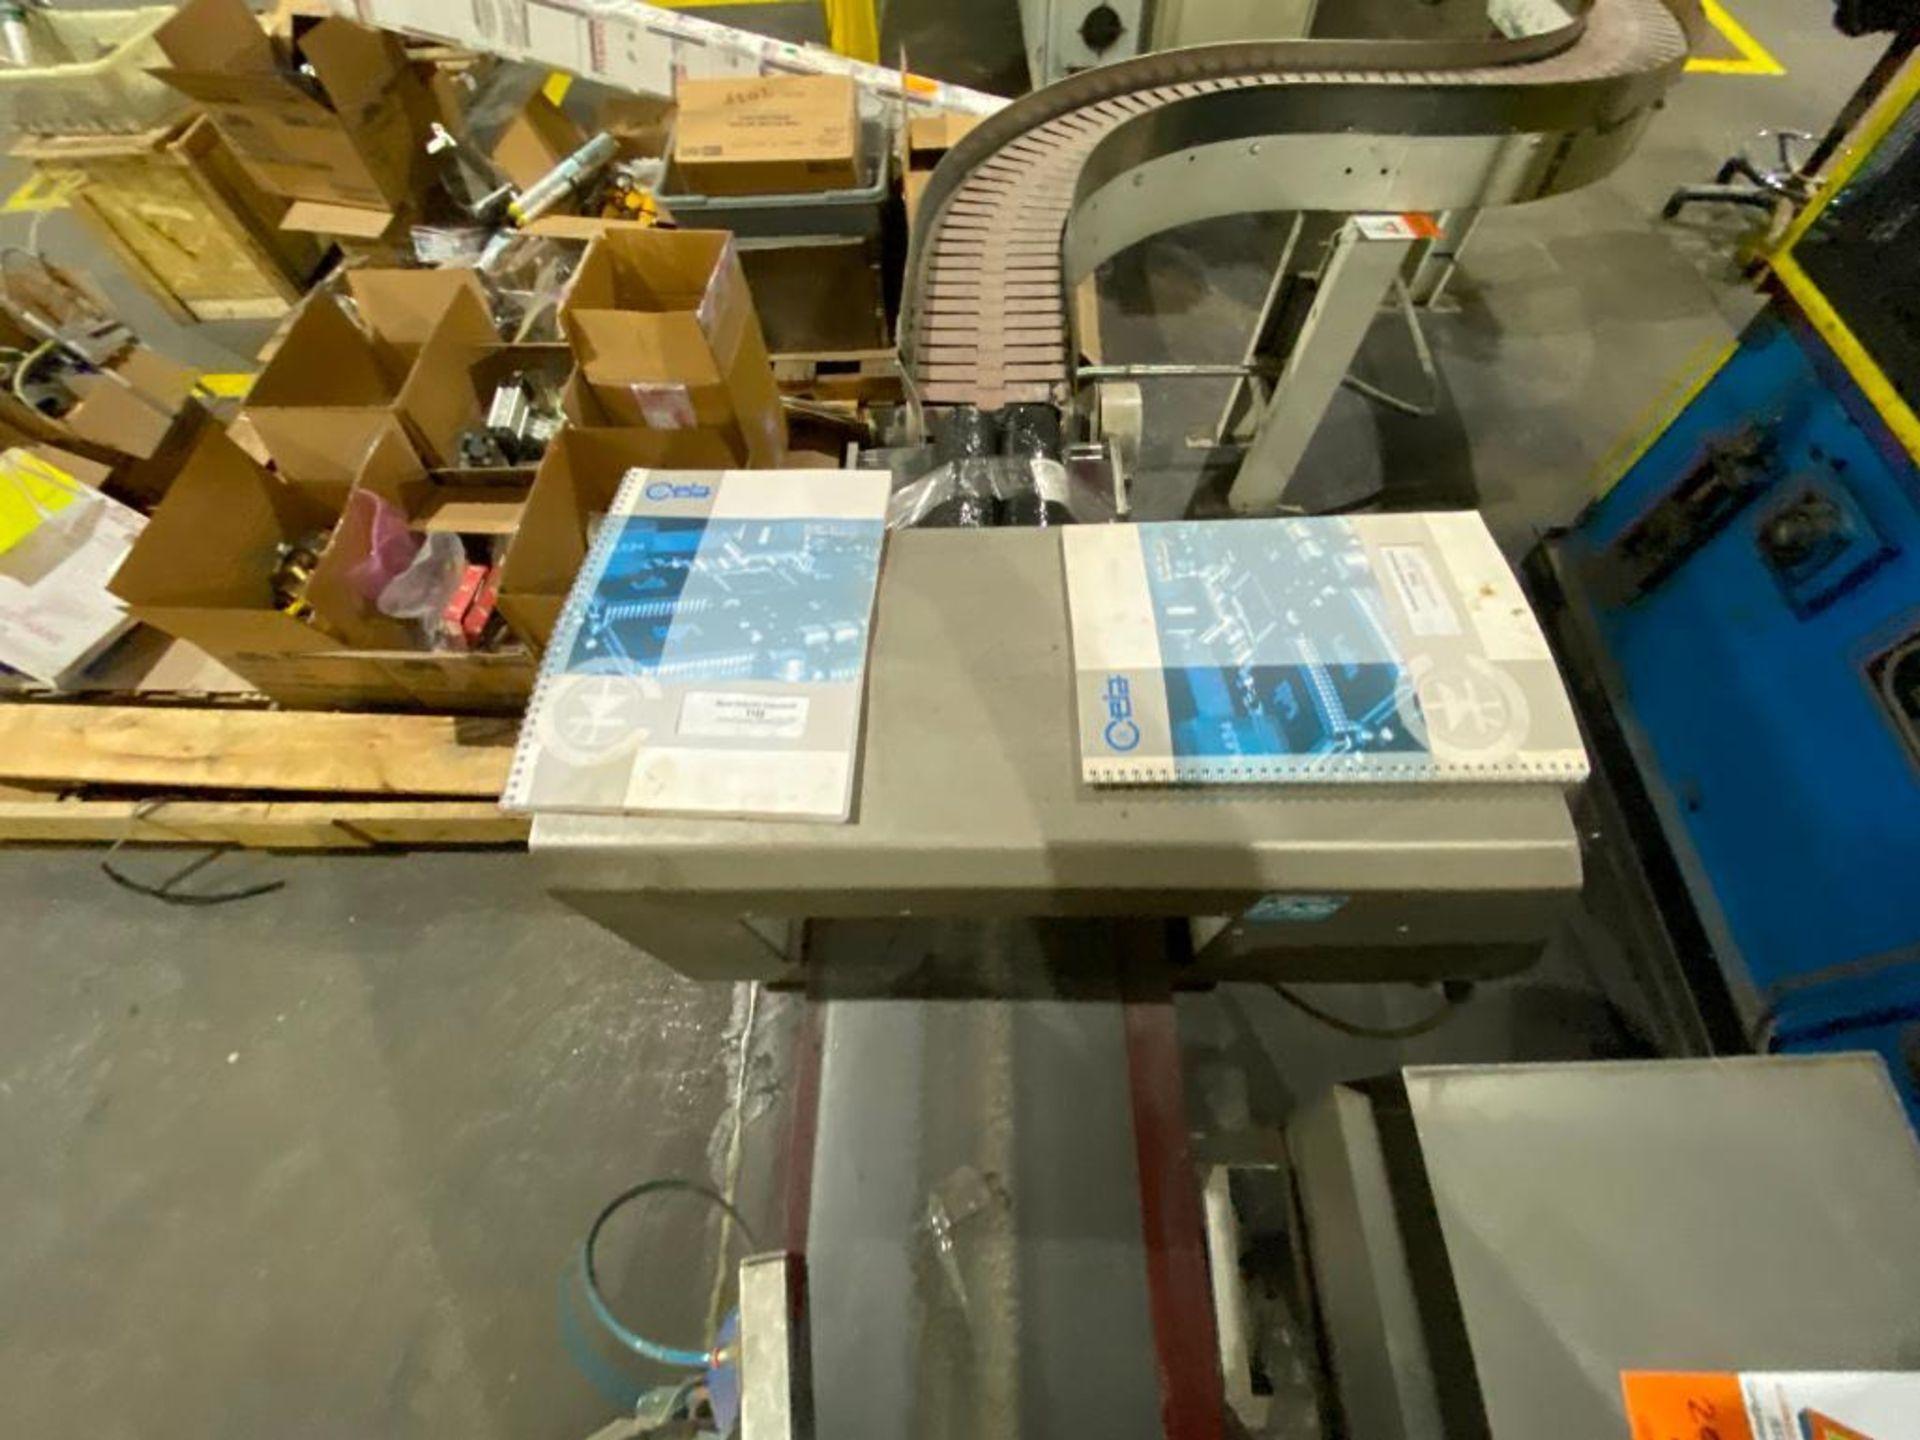 CEIA metal detector - Image 7 of 11